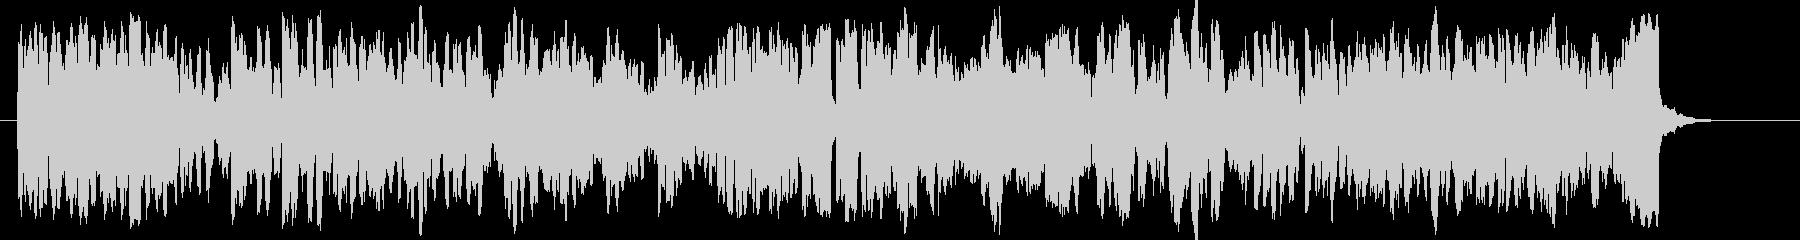 ゴルトベルク変奏曲木管トリオバージョンの未再生の波形